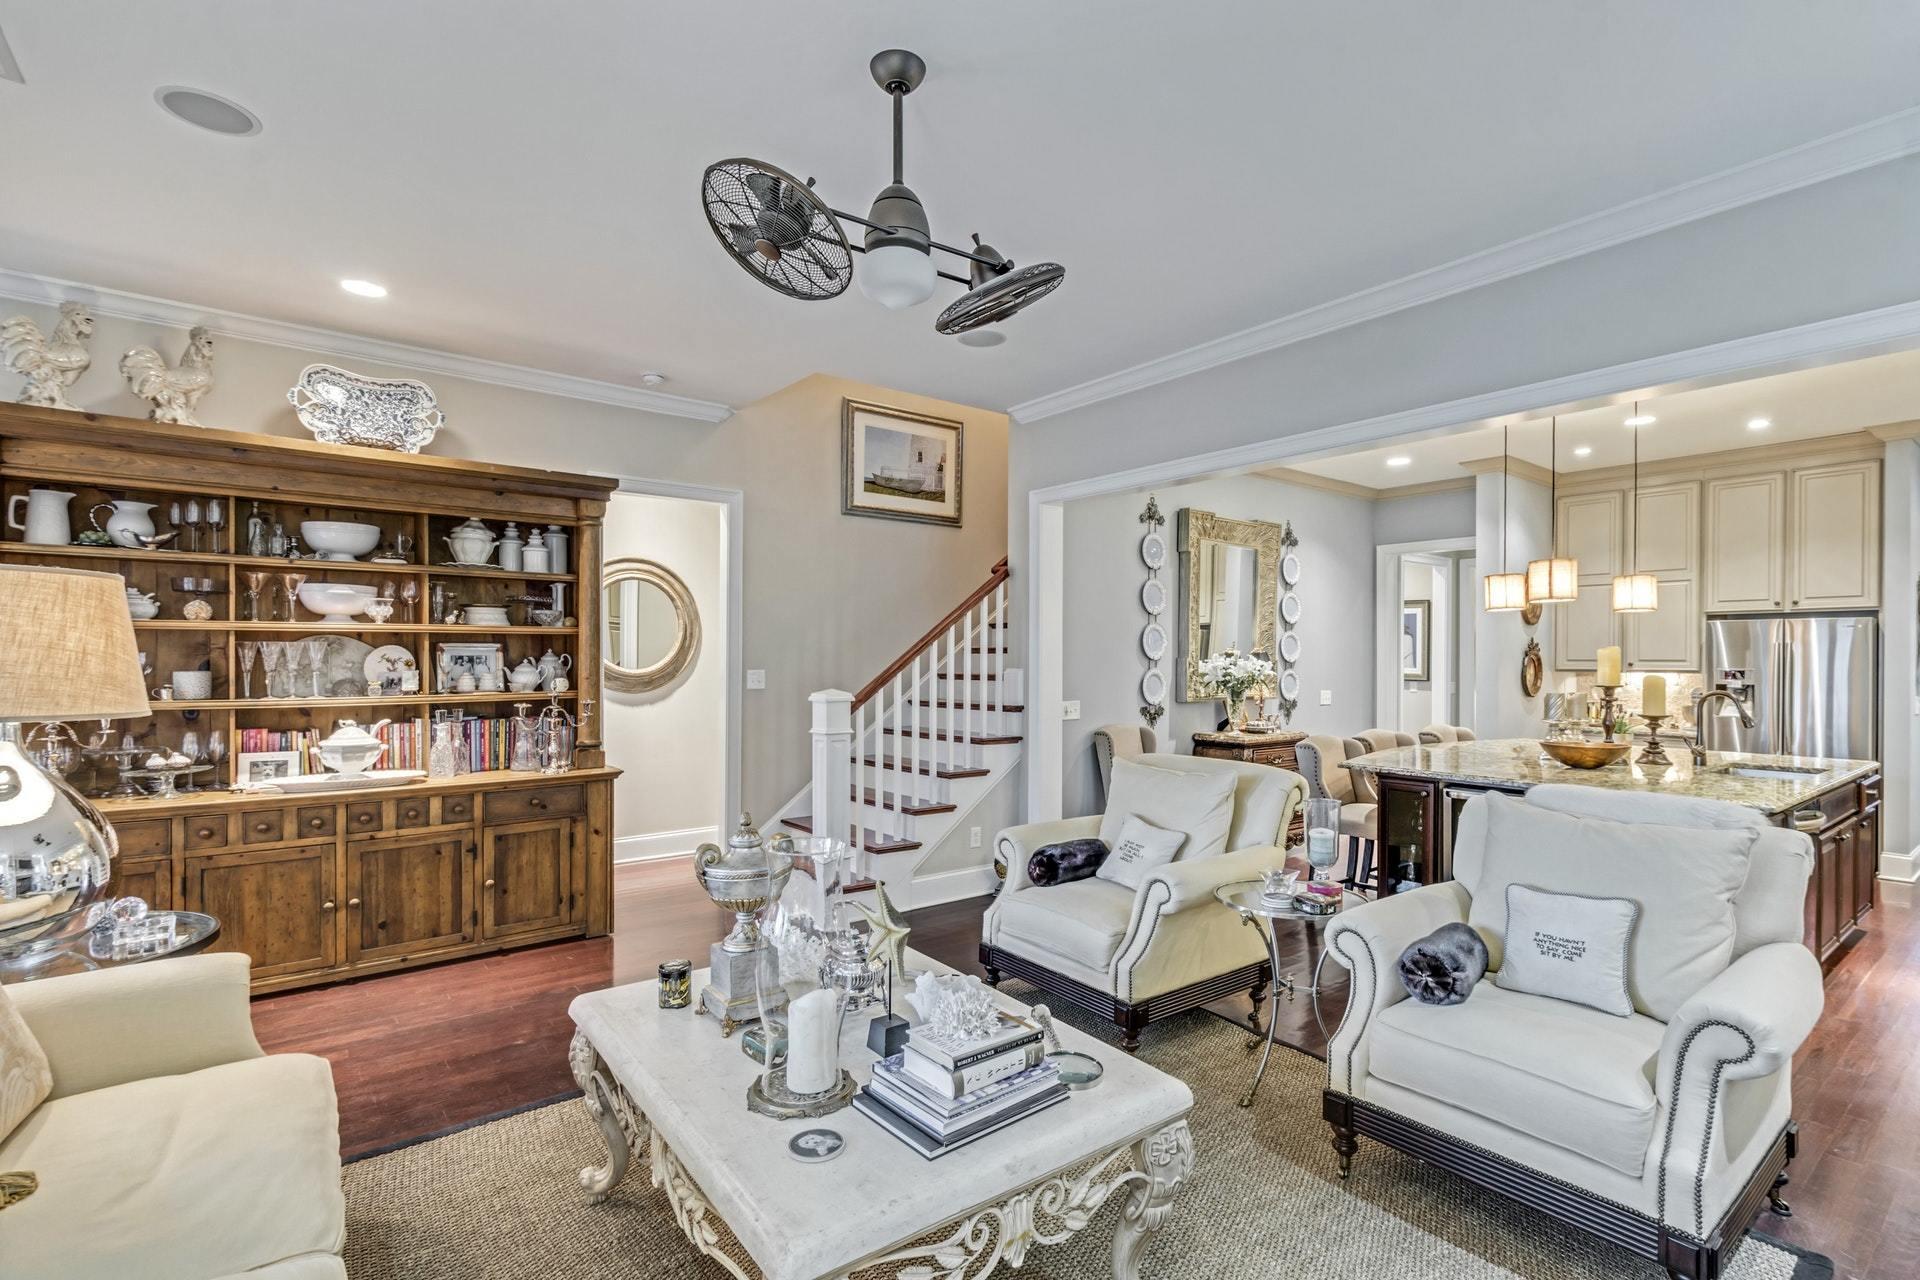 Dunes West Homes For Sale - 2816 River Vista, Mount Pleasant, SC - 5